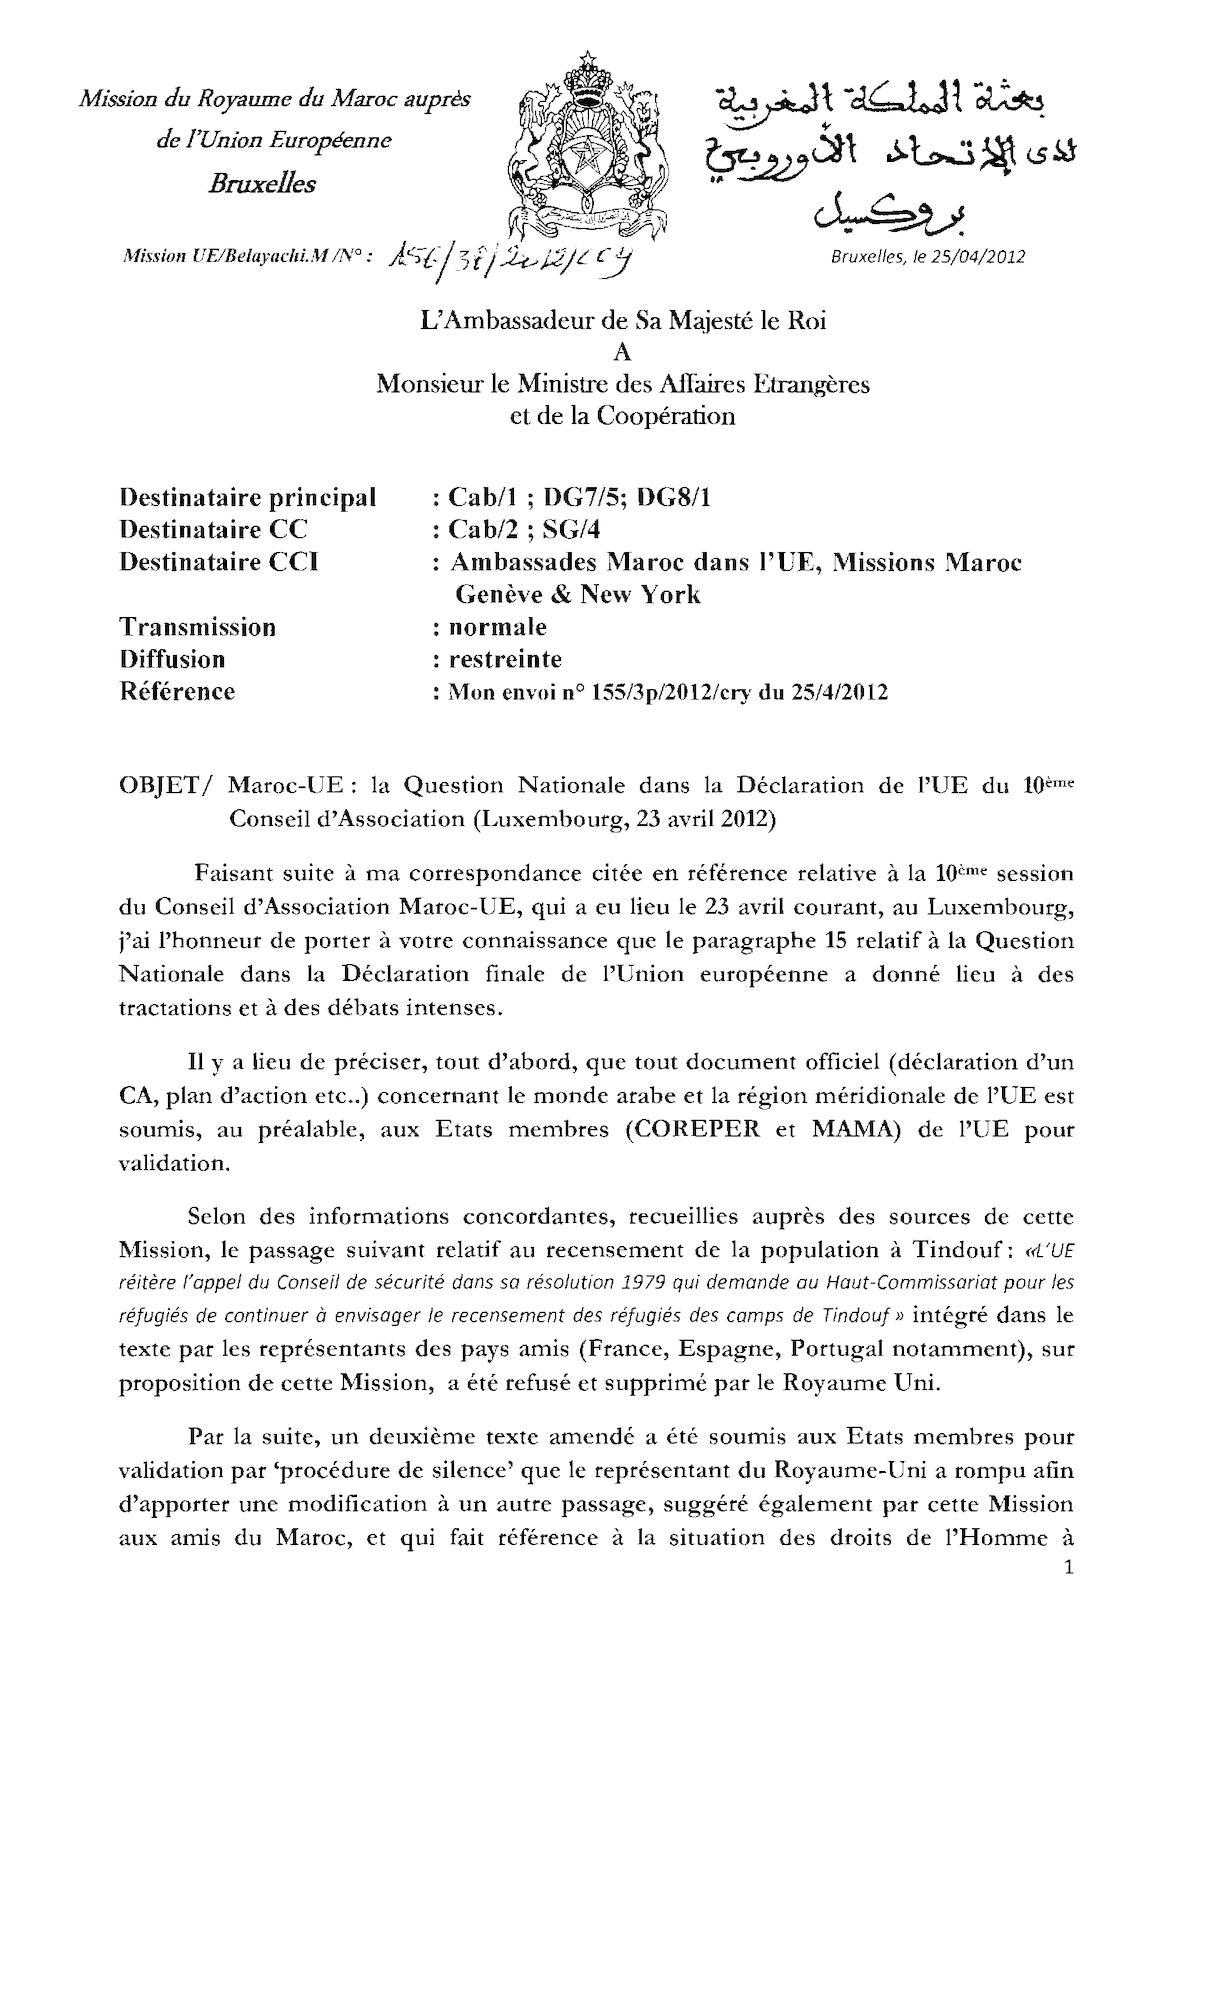 Maroc Ue La Question Nationale Dans La Déclaration Du Conseil 1